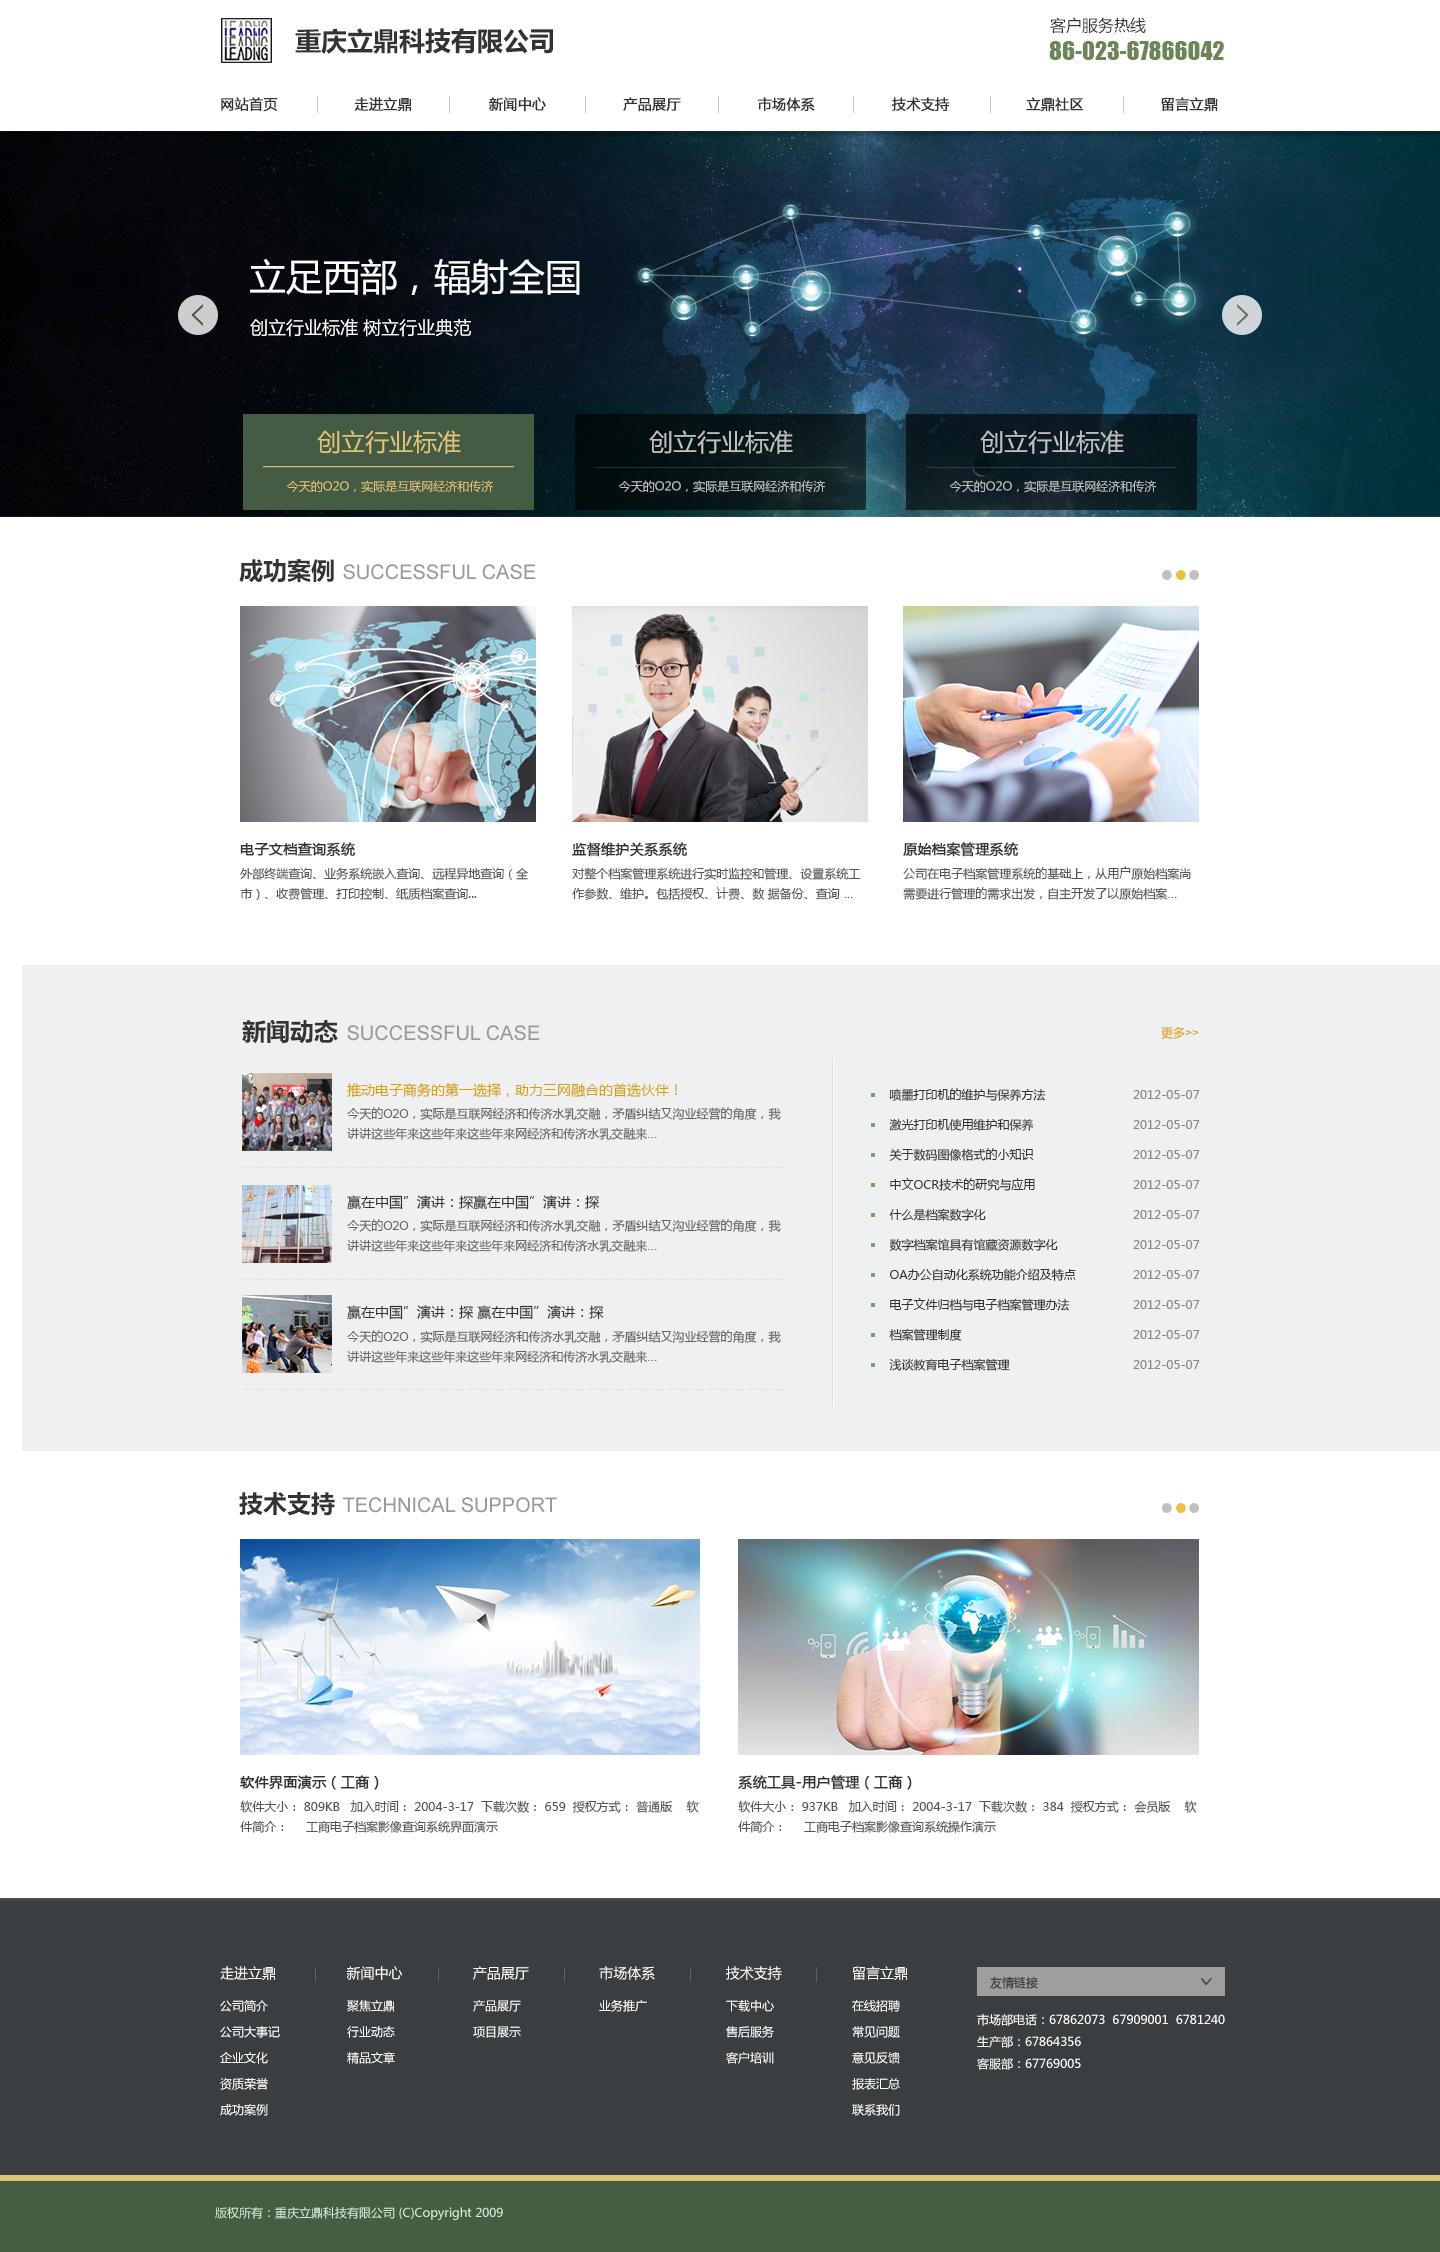 立鼎科技公司2015版